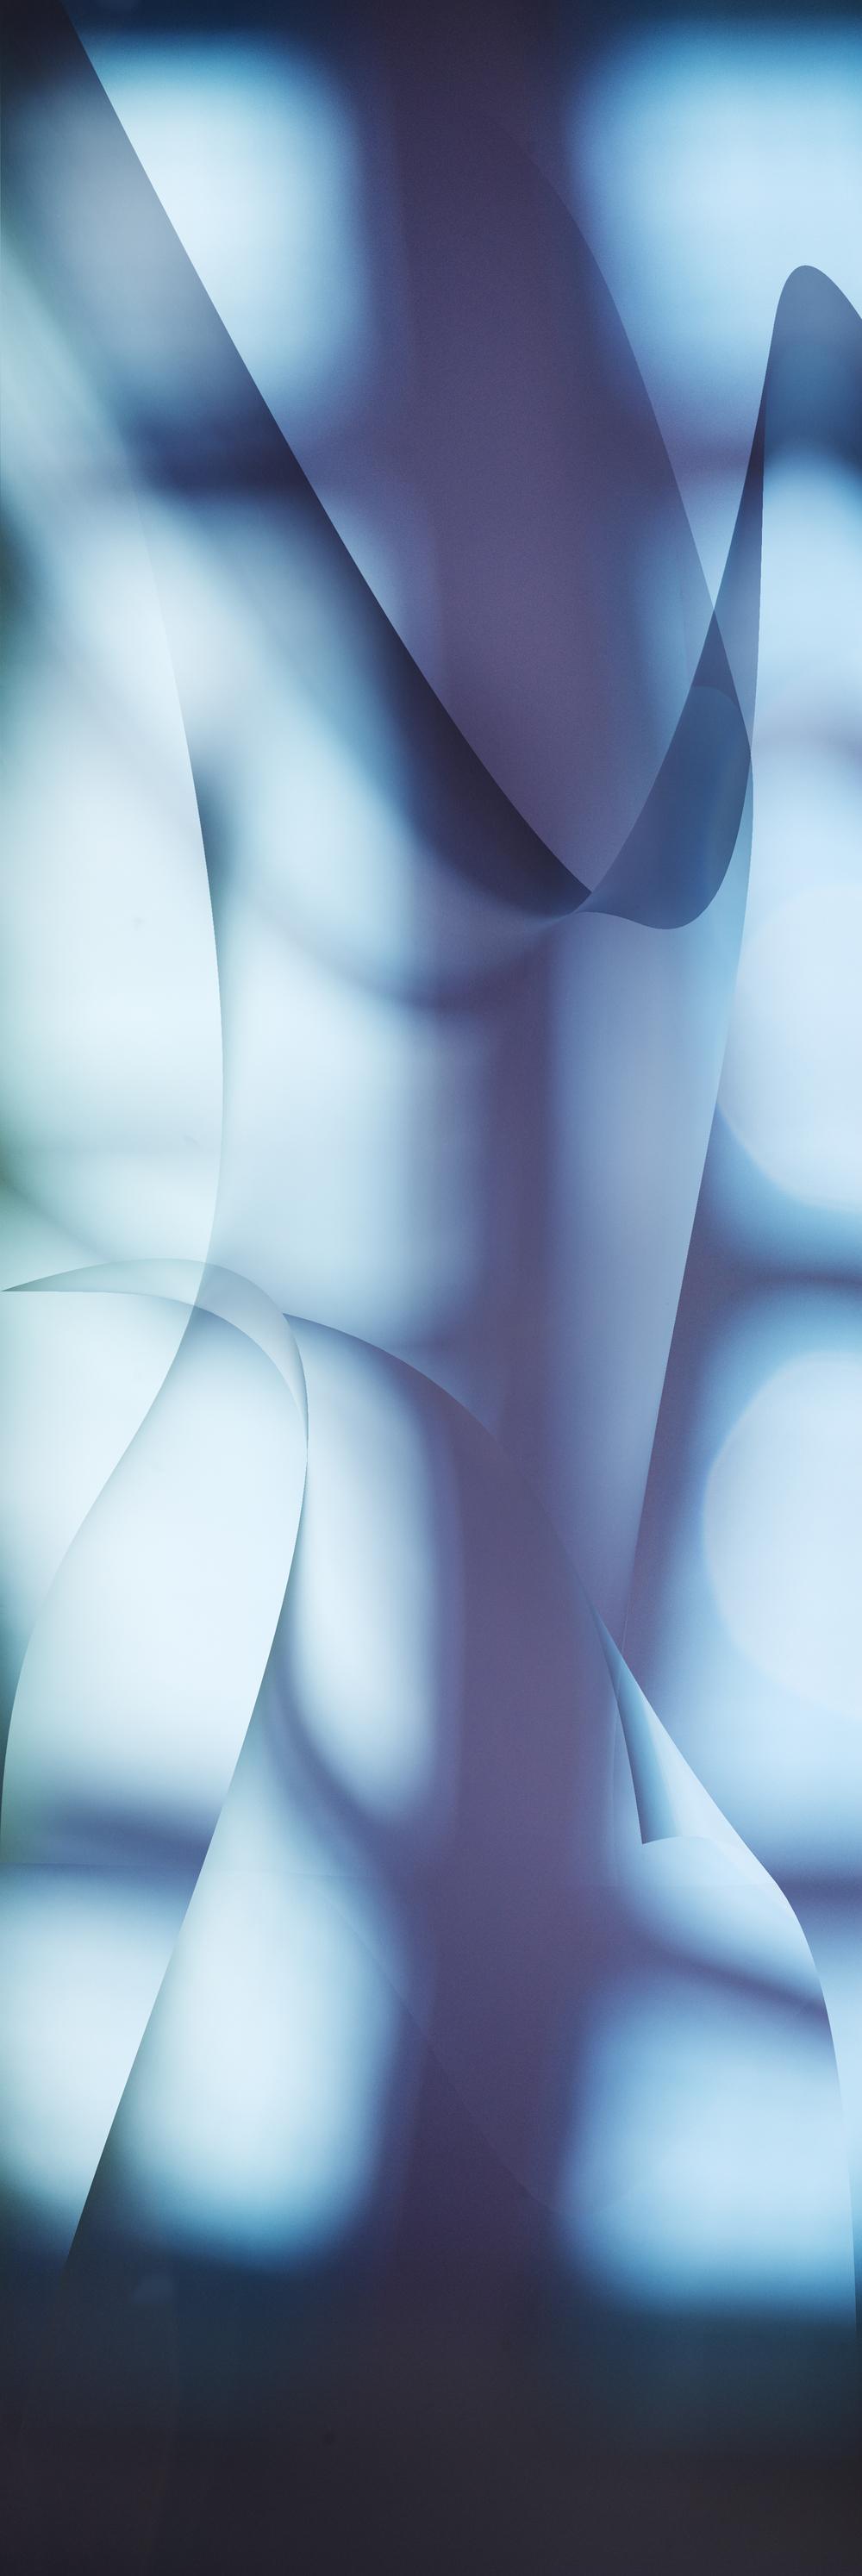 04-lucid-25.jpg